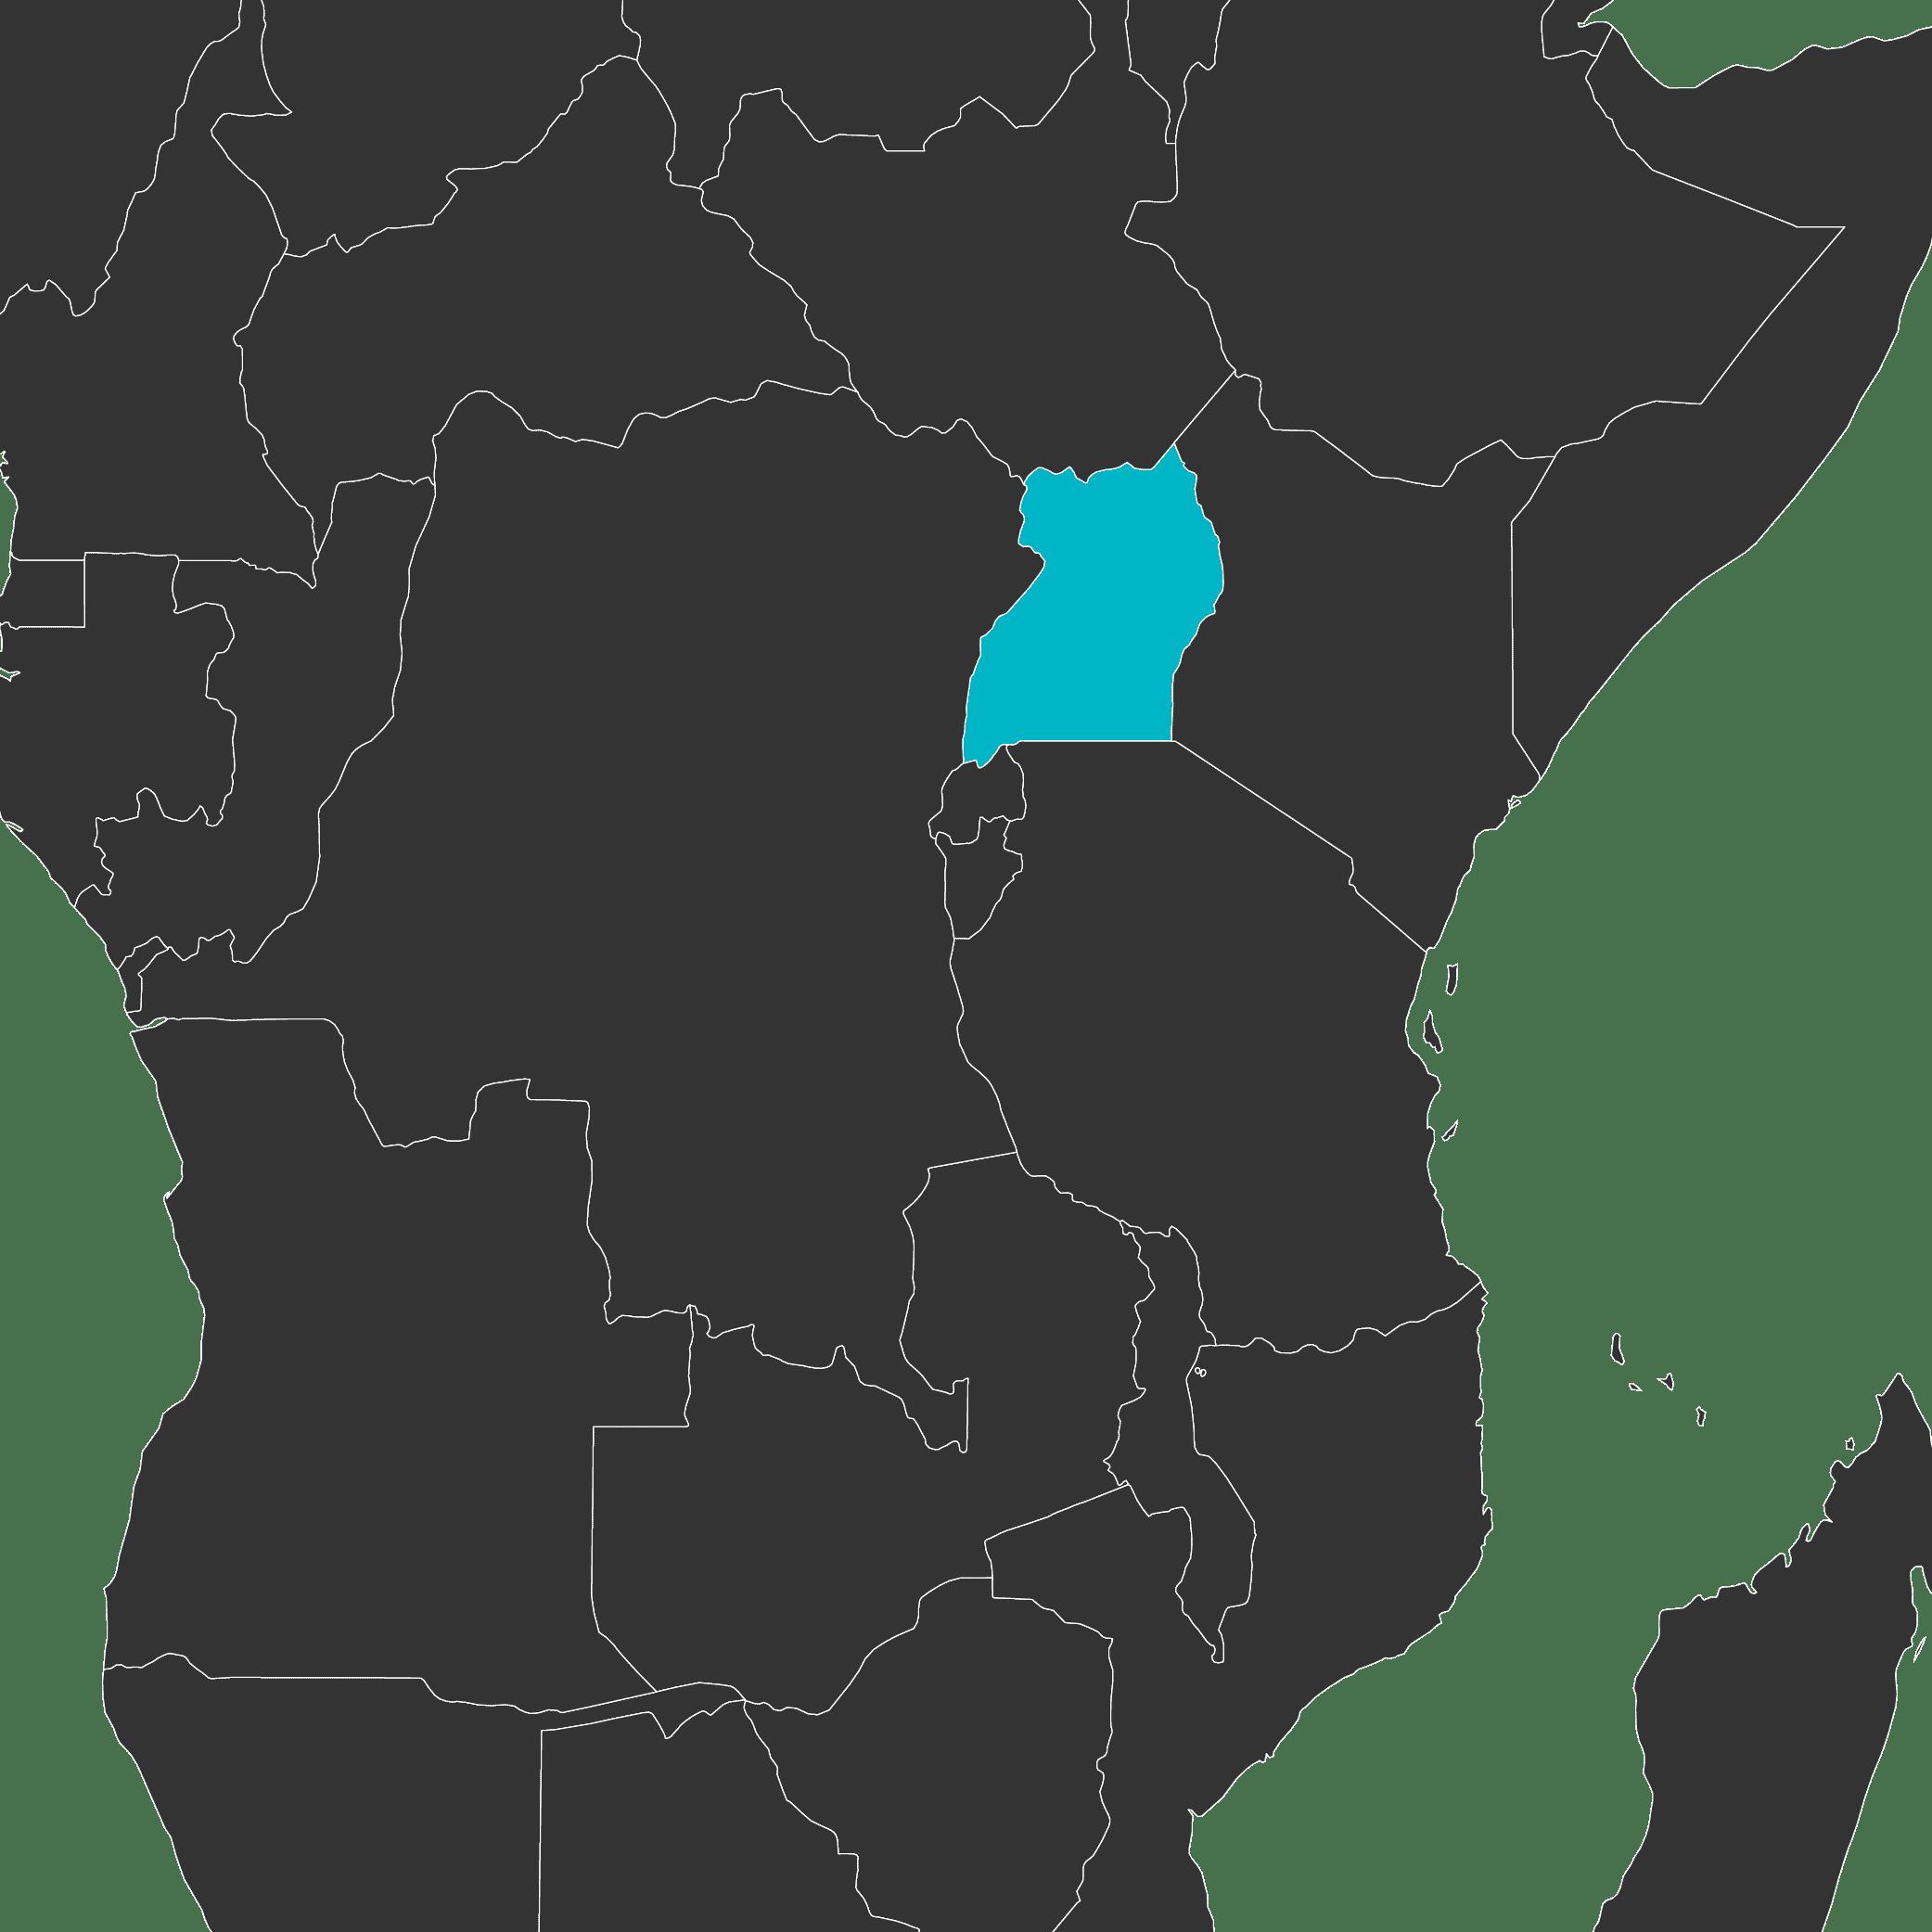 UGANDA: School Master Plan